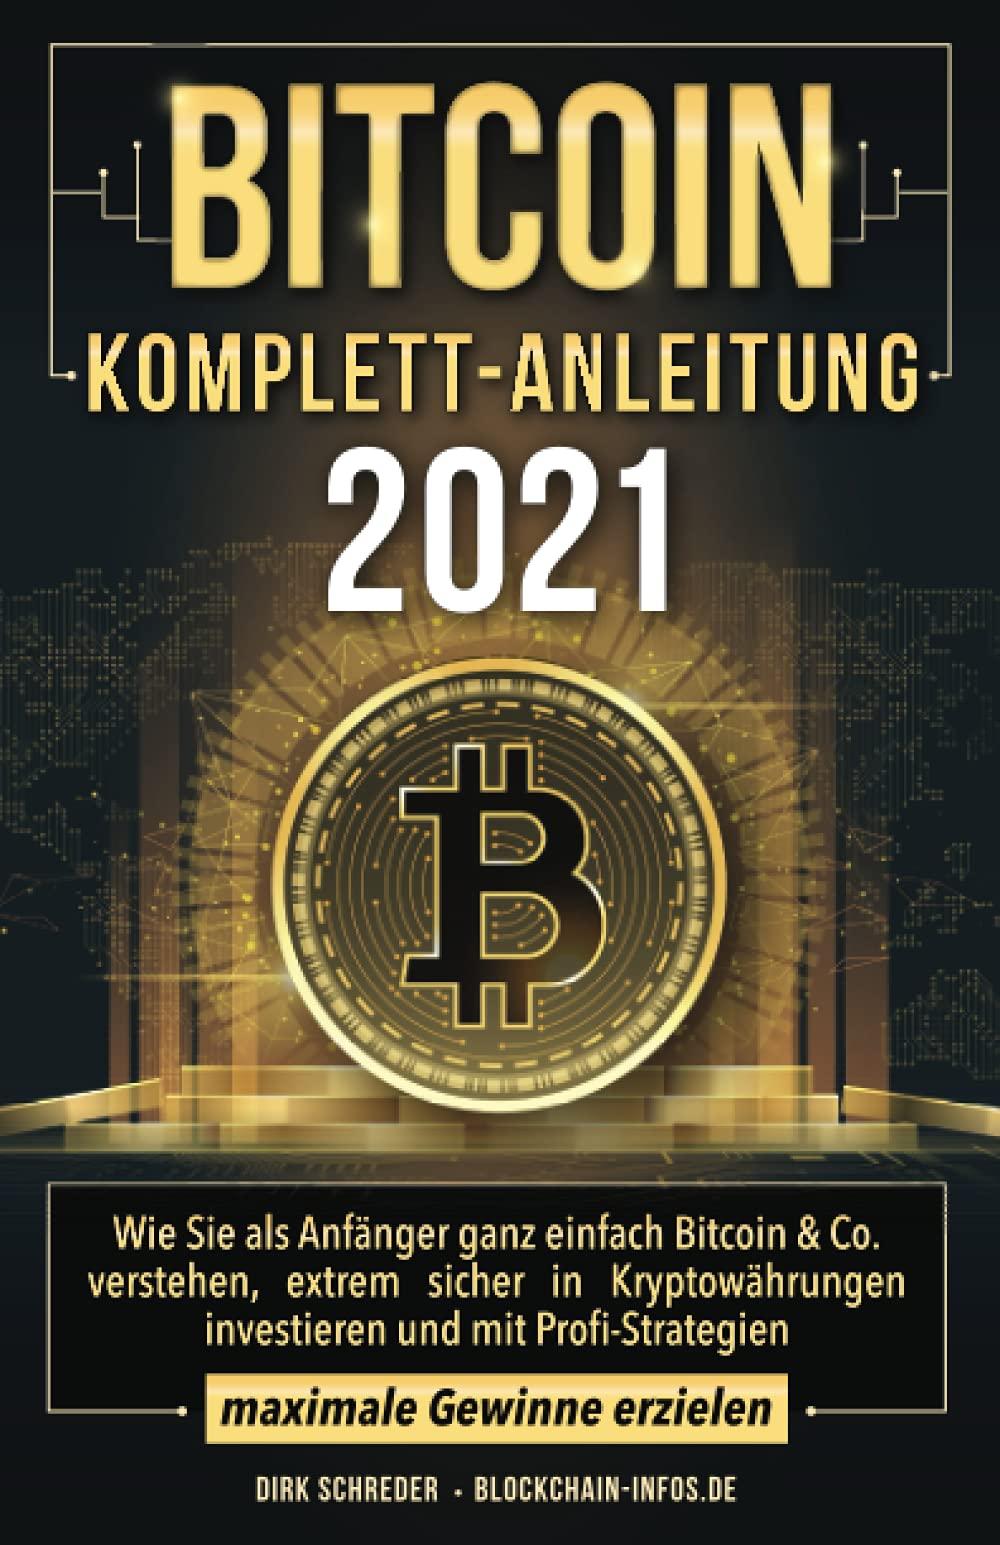 sofort 10 euro verdienen können sie reich werden, wenn sie in kryptowährung investieren?